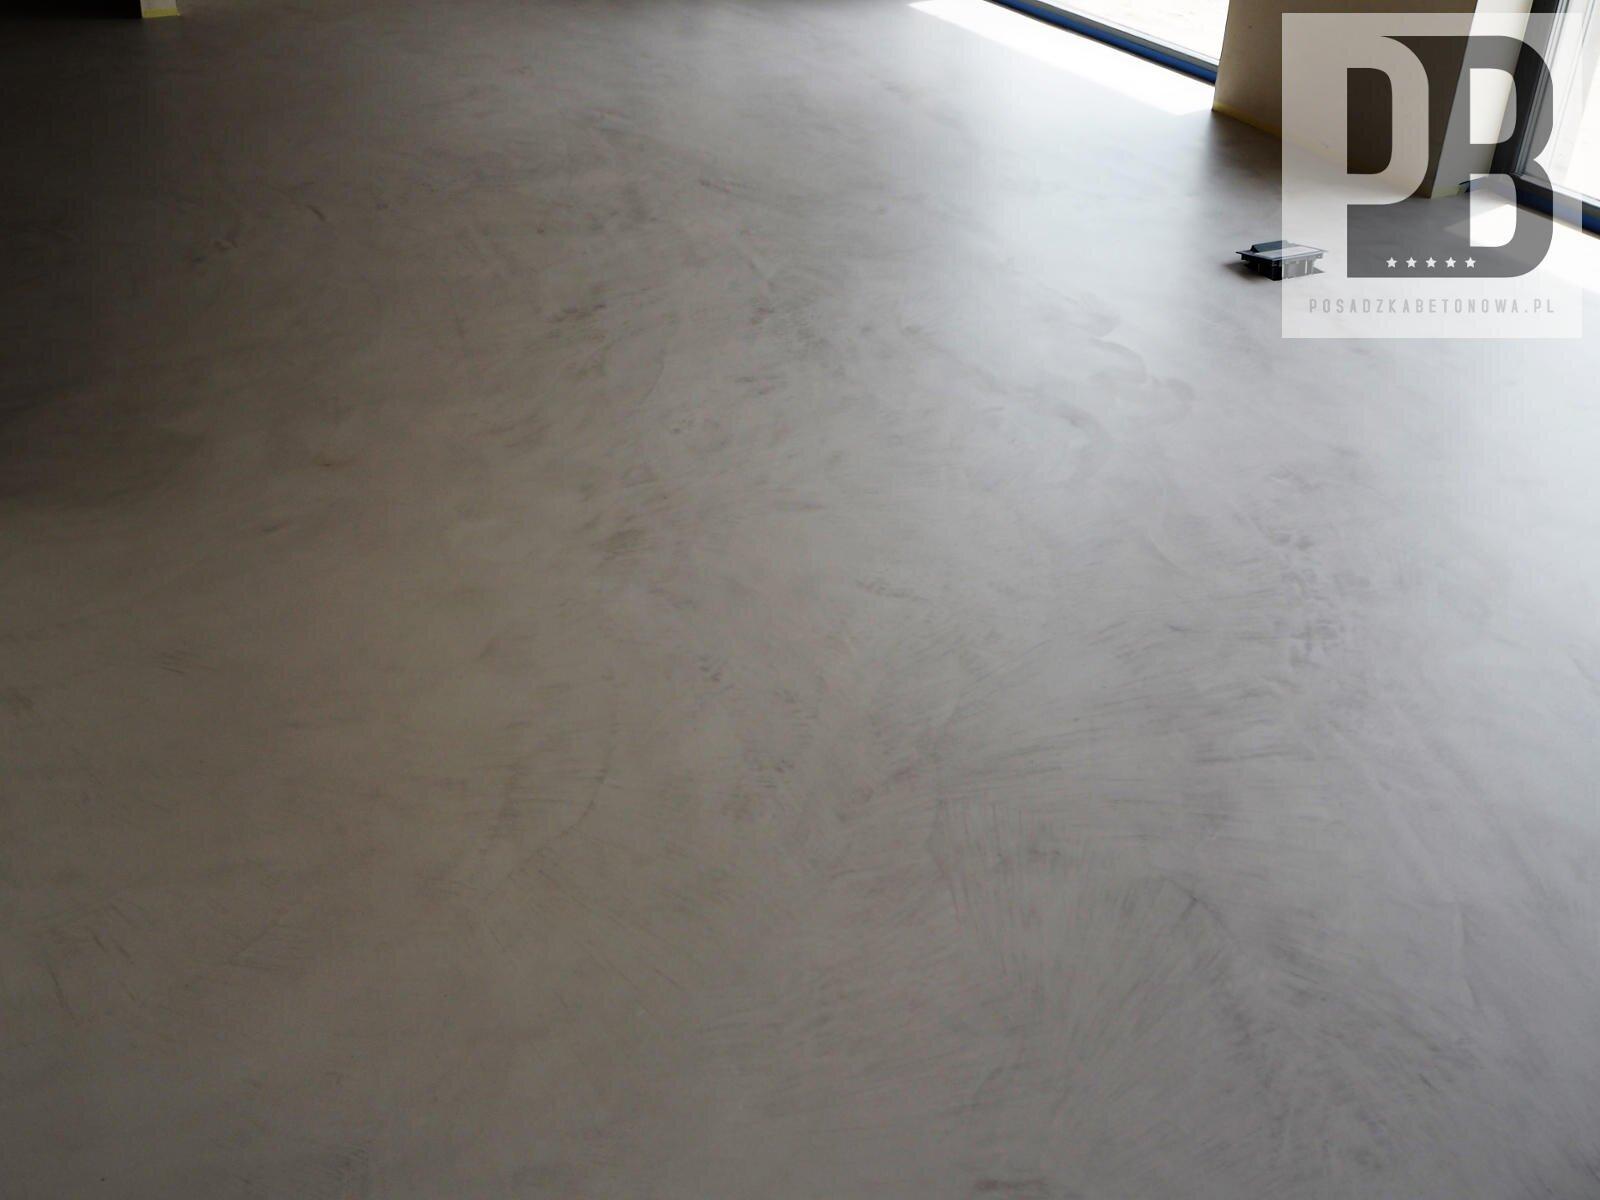 posadzka-betonowa02